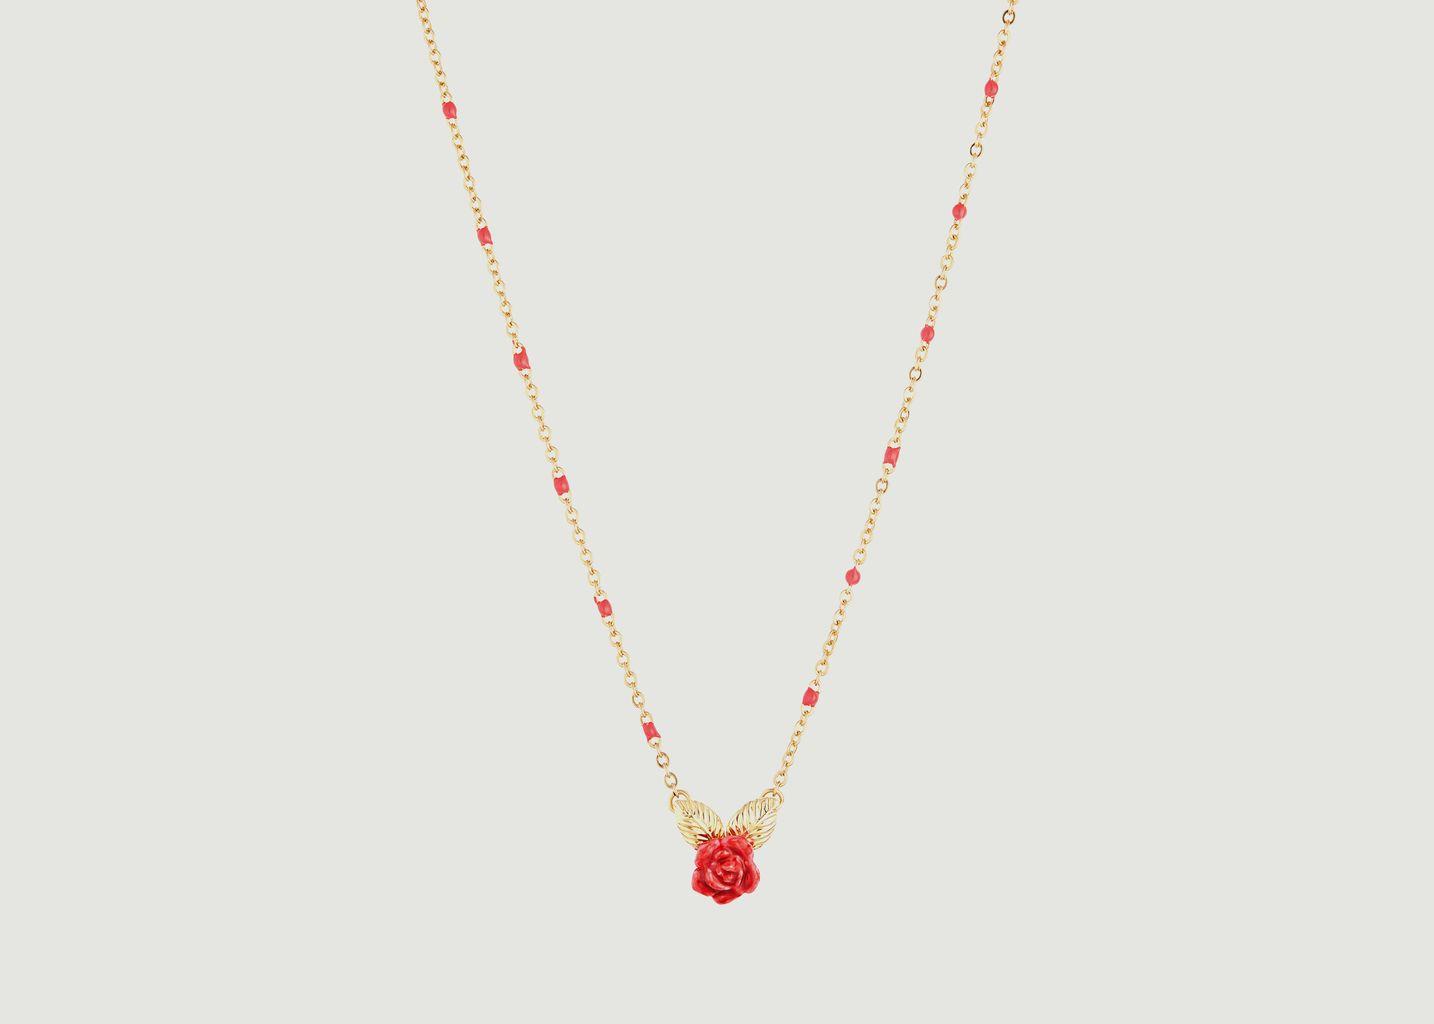 Collier avec pendentif bouton de rose - Les Néréides